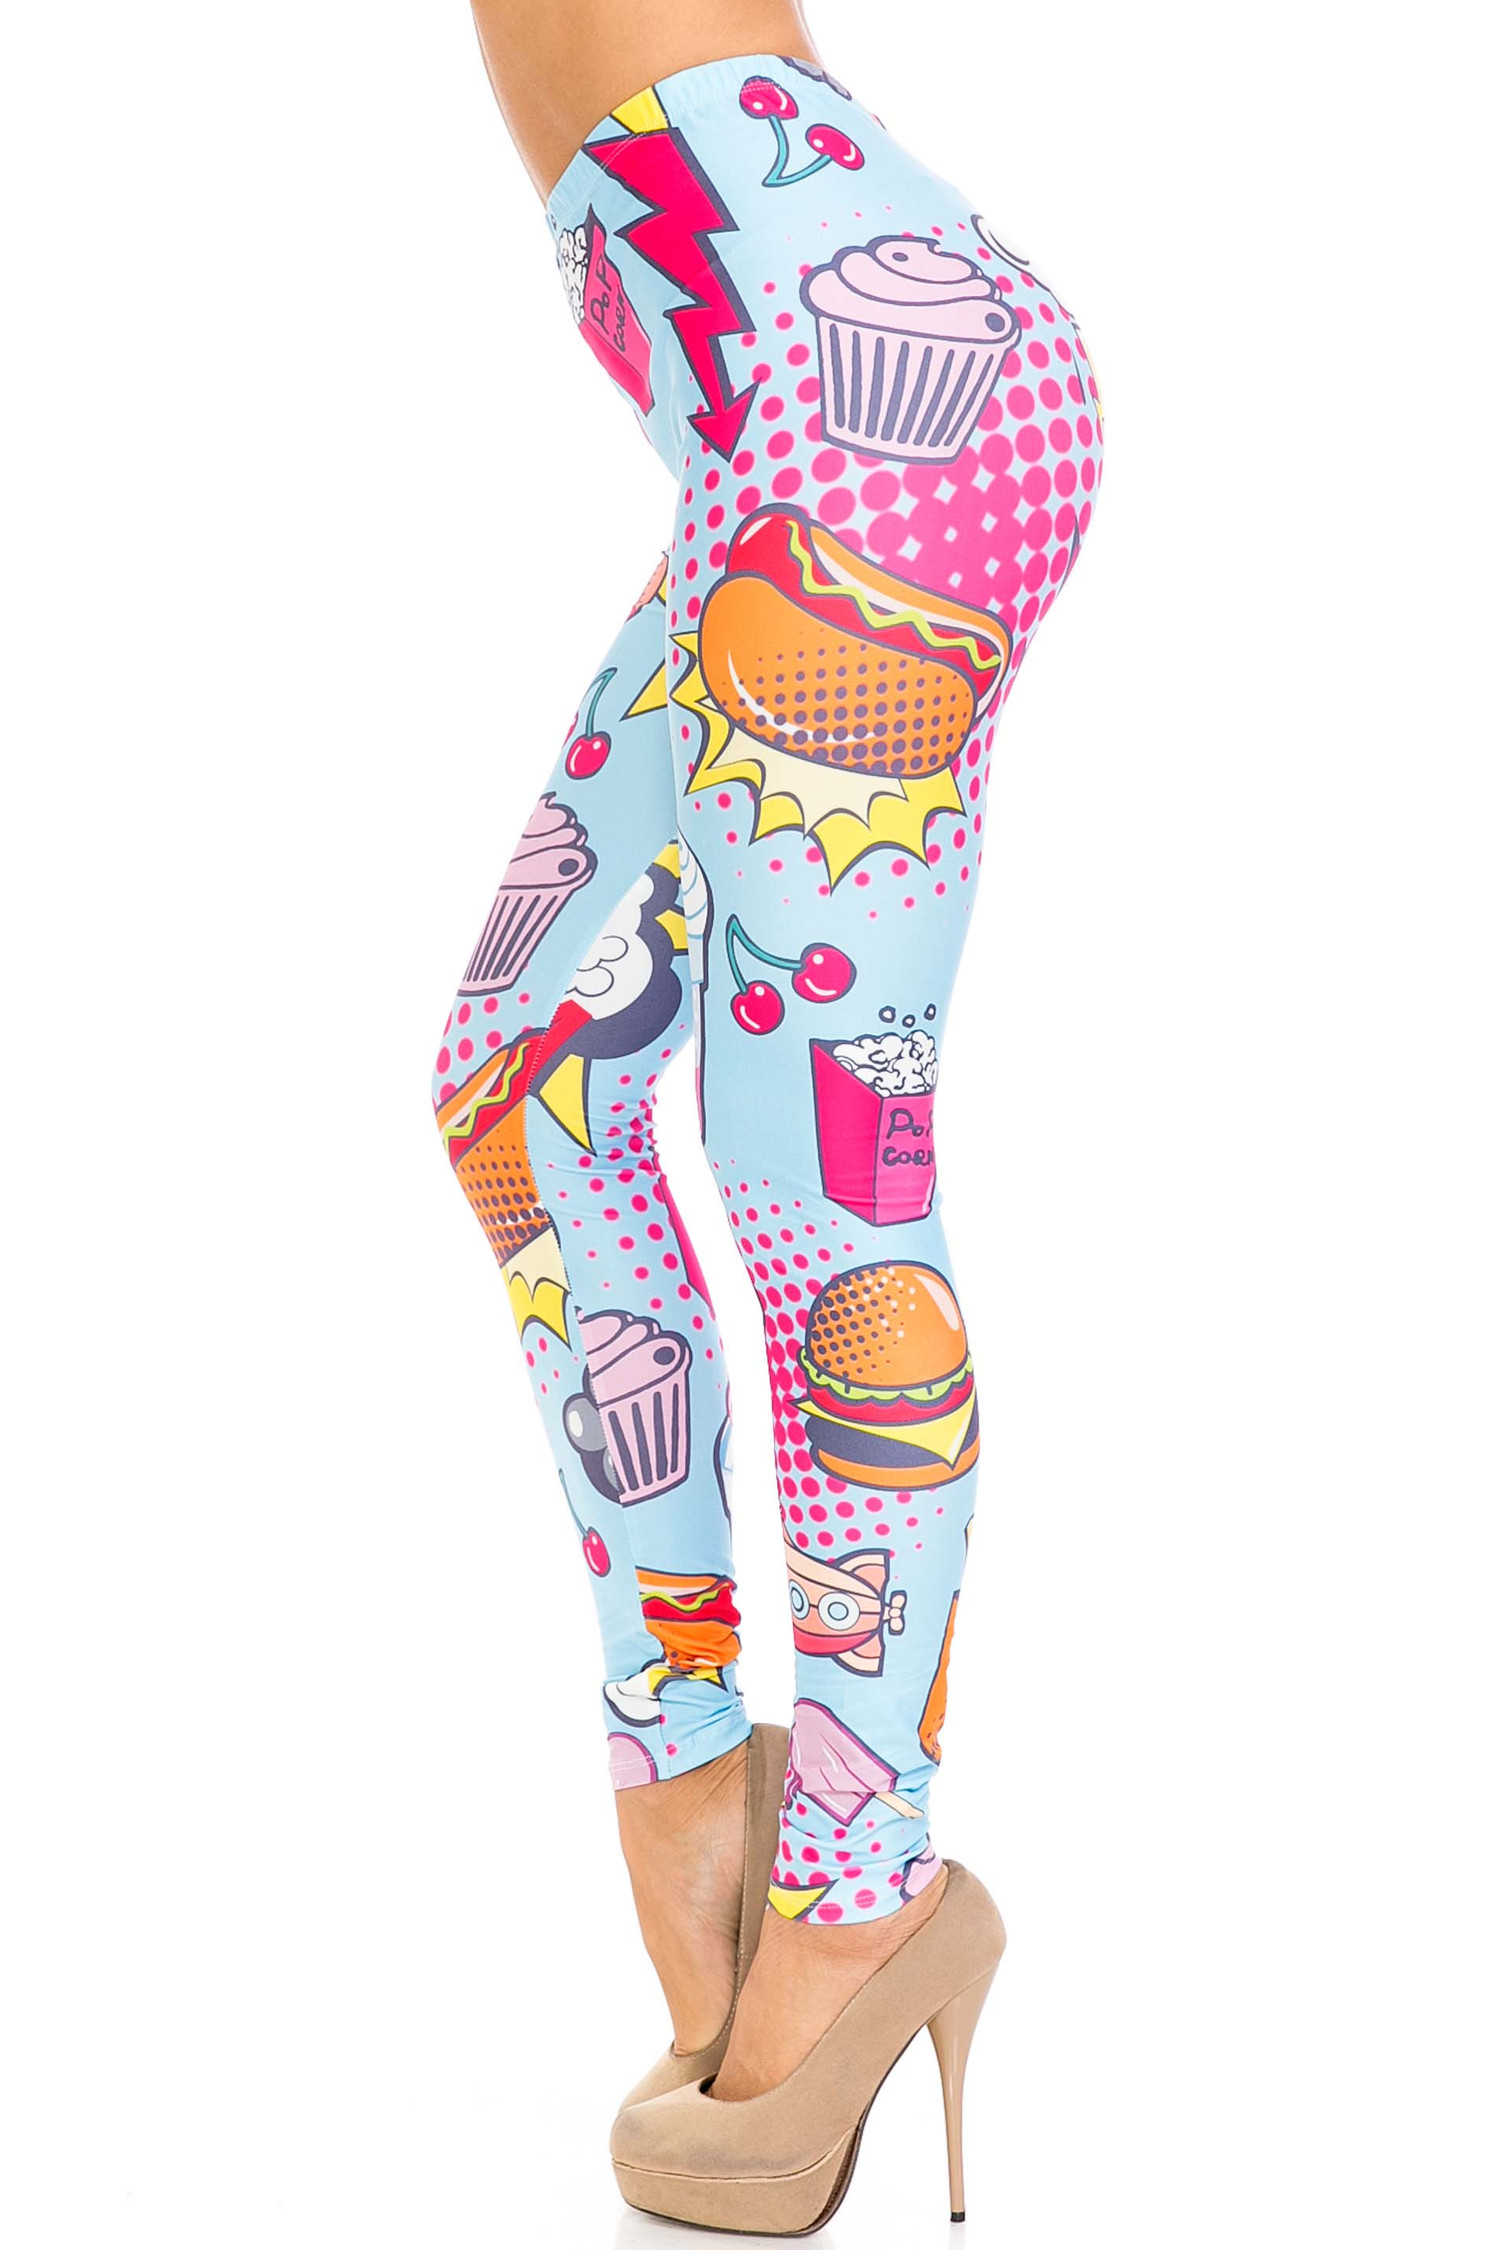 Creamy Soft Fast Food Comic Leggings - USA Fashion™